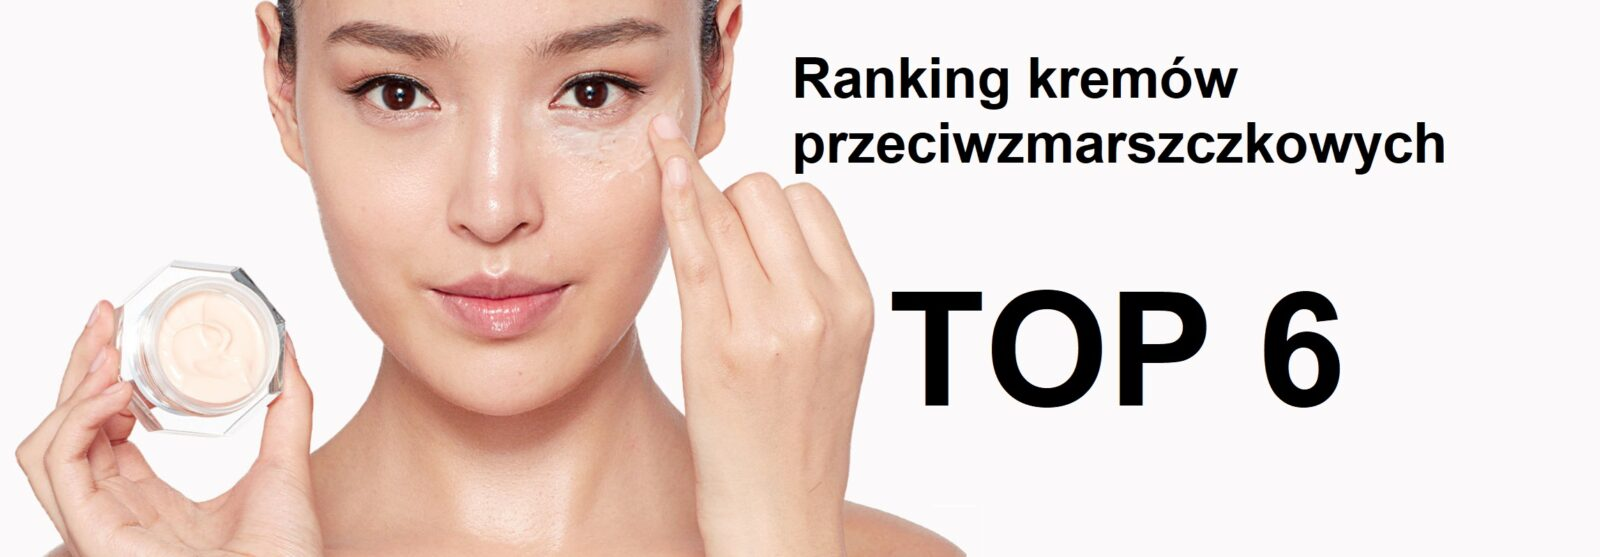 ranking kremów przeciwzmarszczkowych